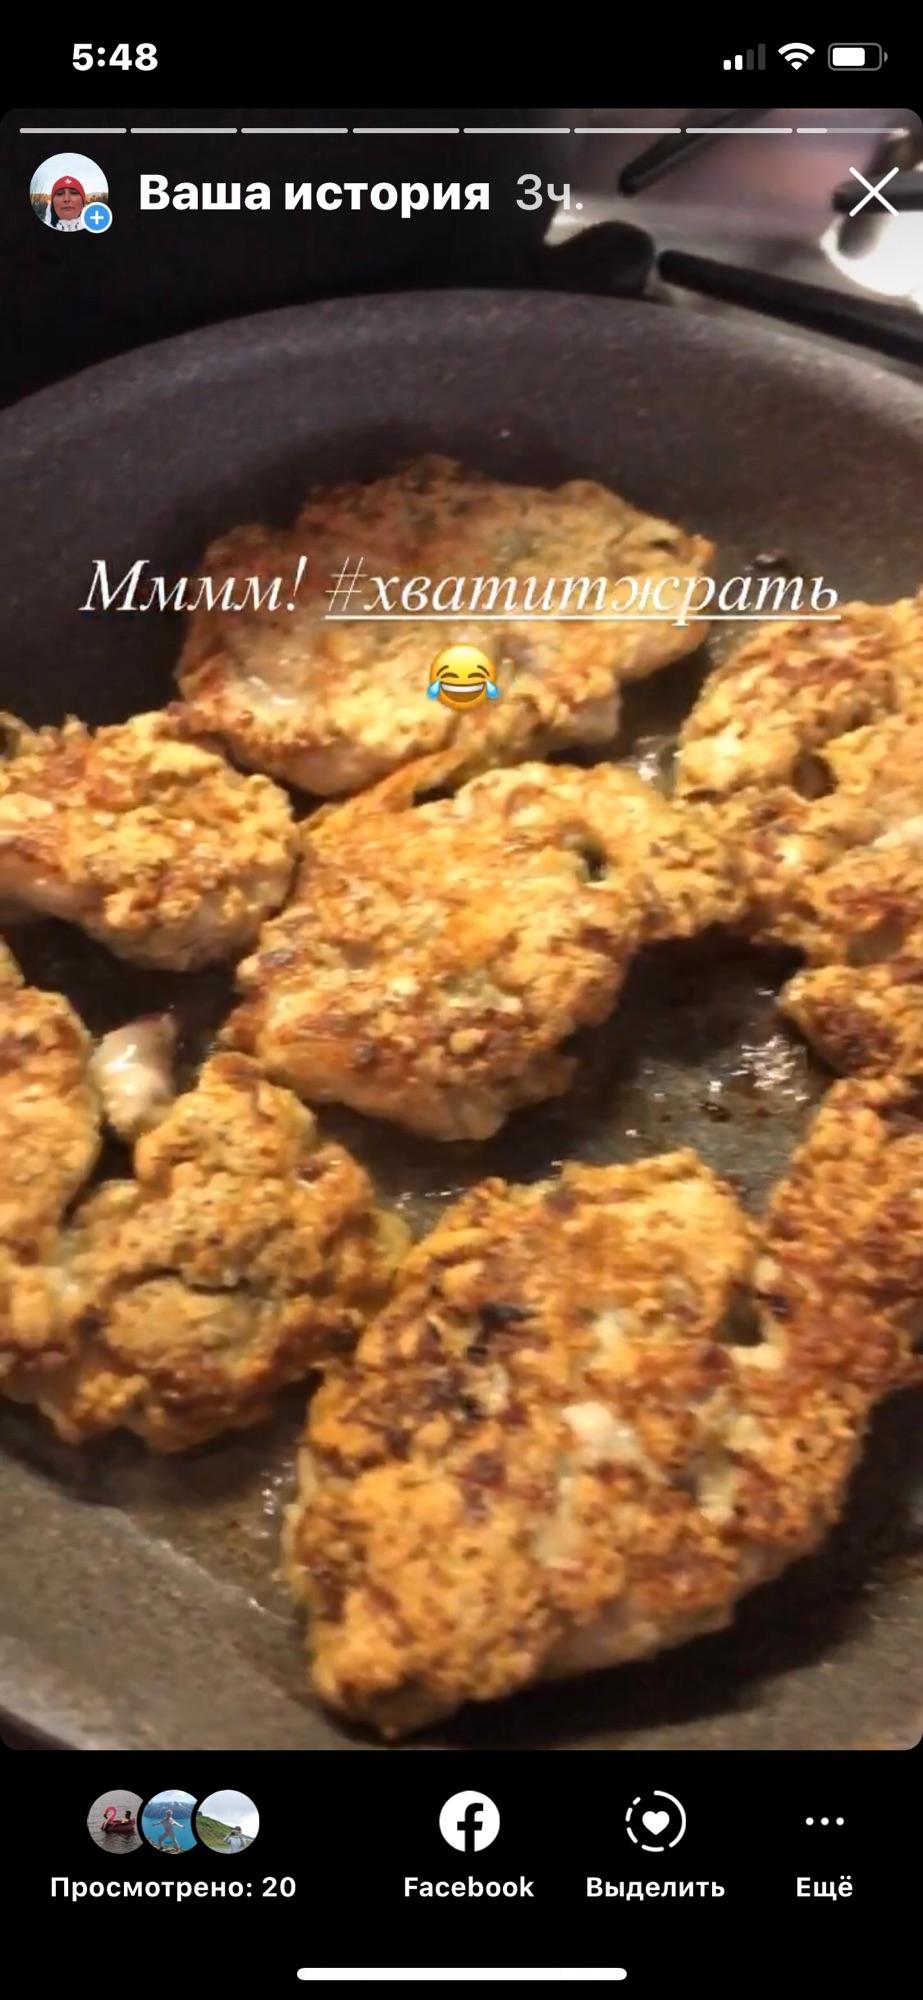 Так как нормального мяса мне сейчас не купить, то готовлю опять курицу.Отбивные курогруди невероятно хороши свежими и горячими!Вкусы у меня простые и плебейские.🙃